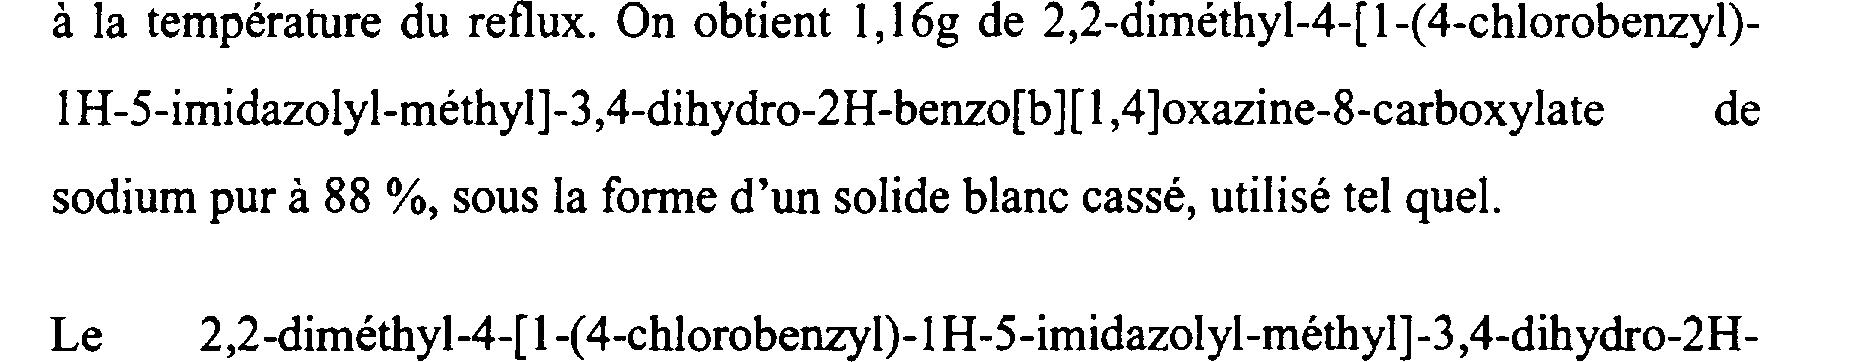 Figure img00640002